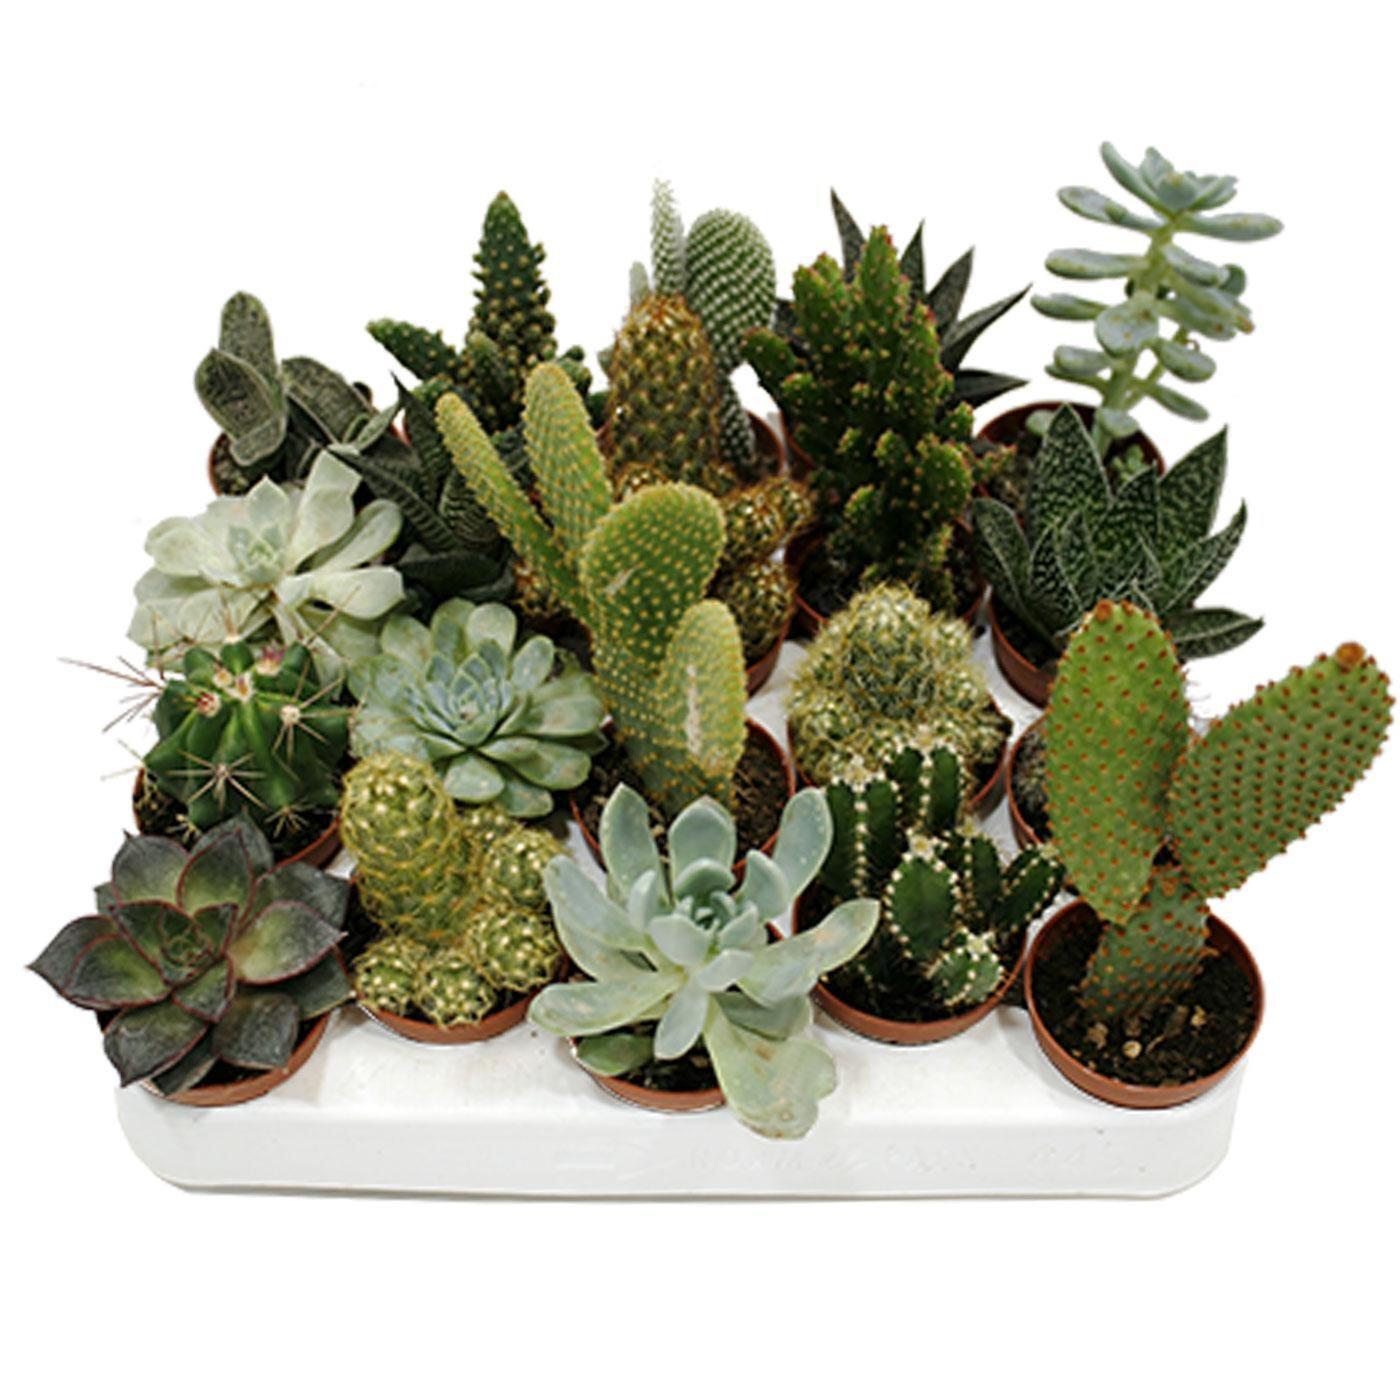 Cactus suculentos a 0,99€ la unidad